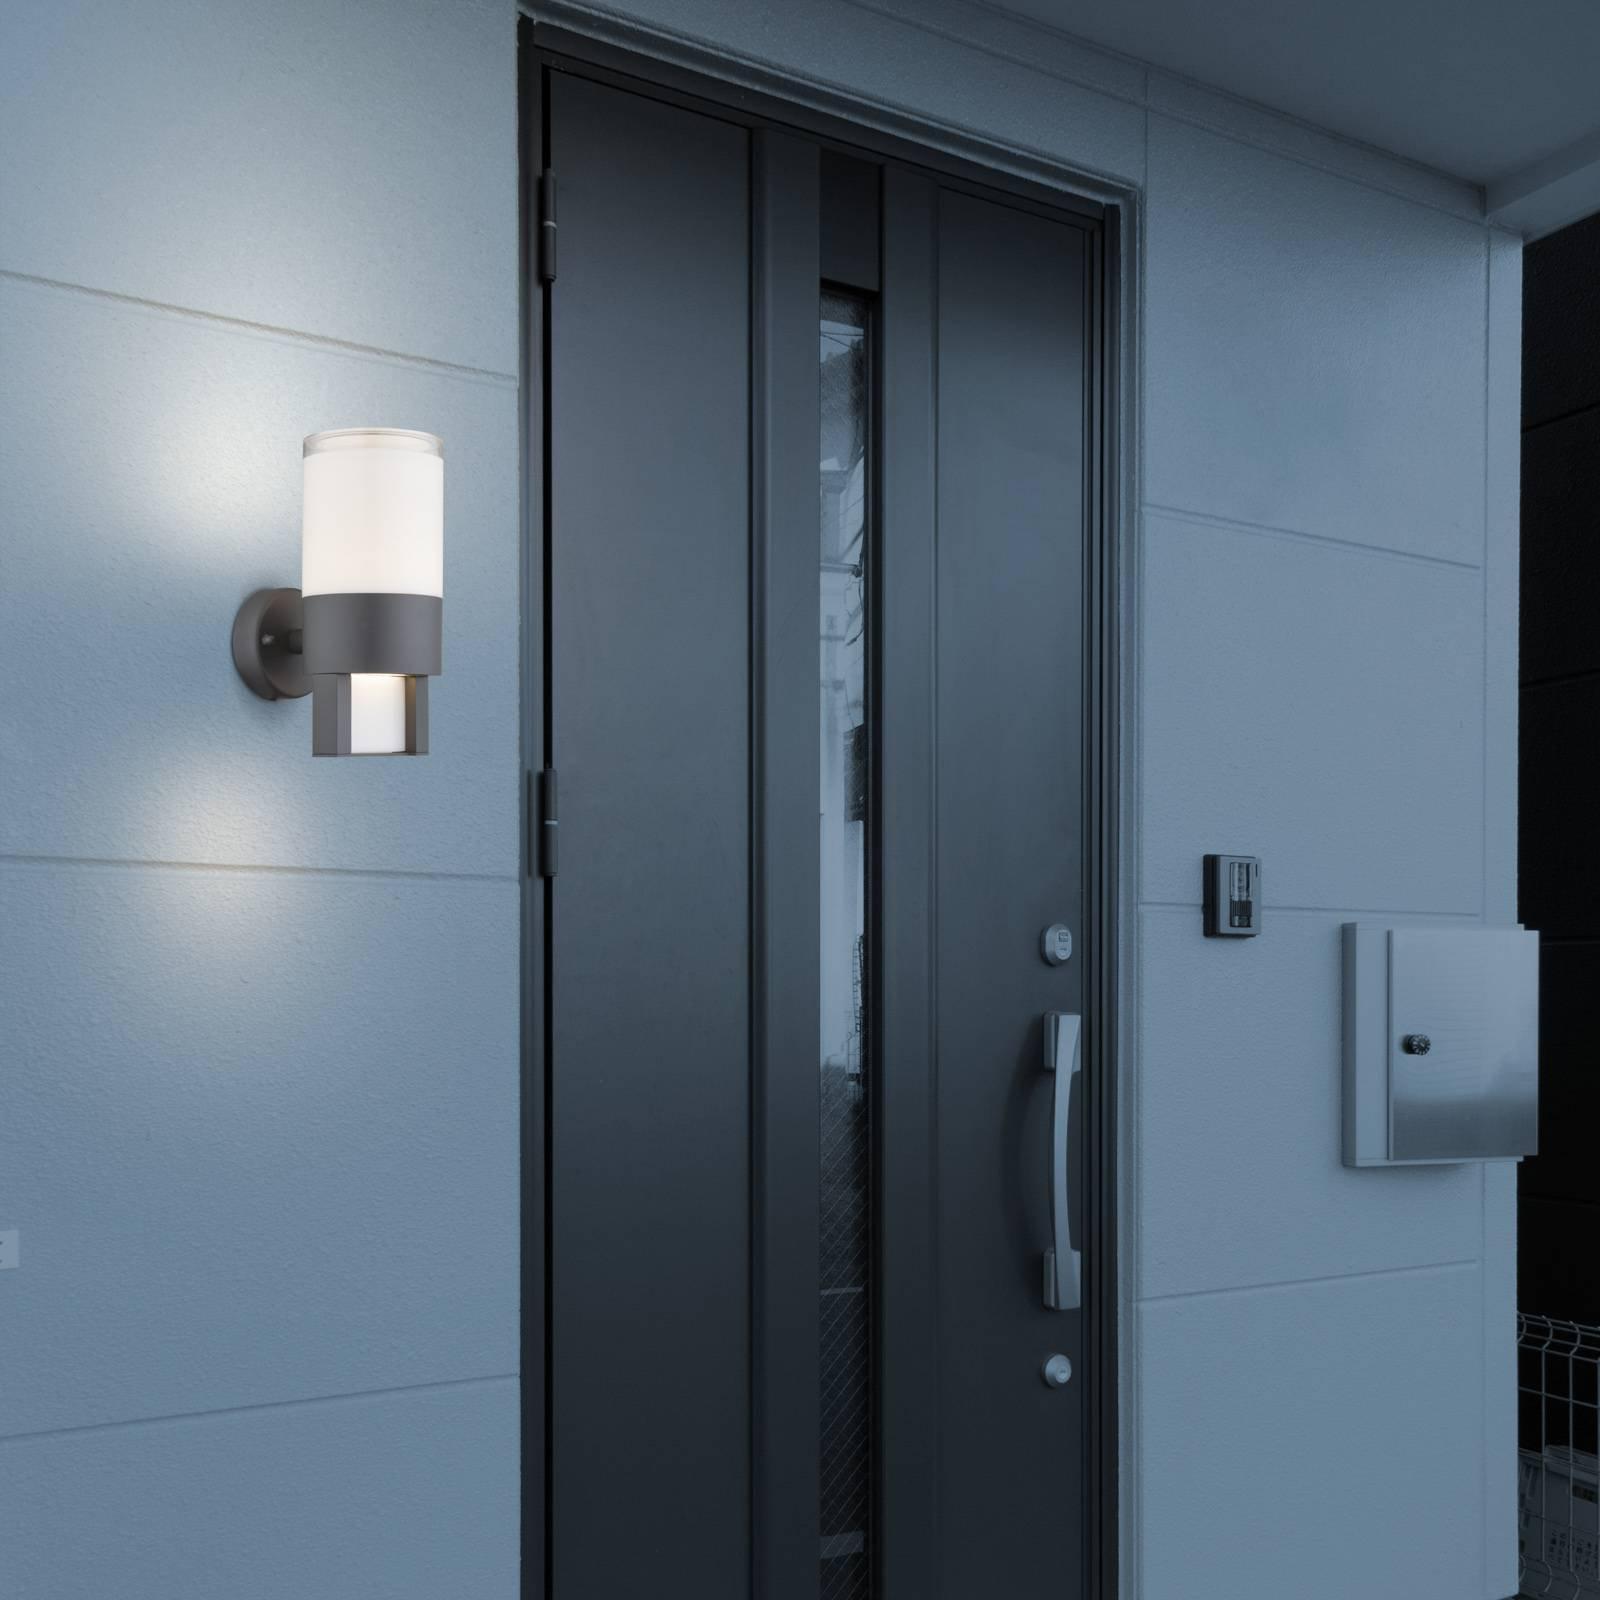 Utendørs LED-vegglampe Nexa, antrasitt/opal